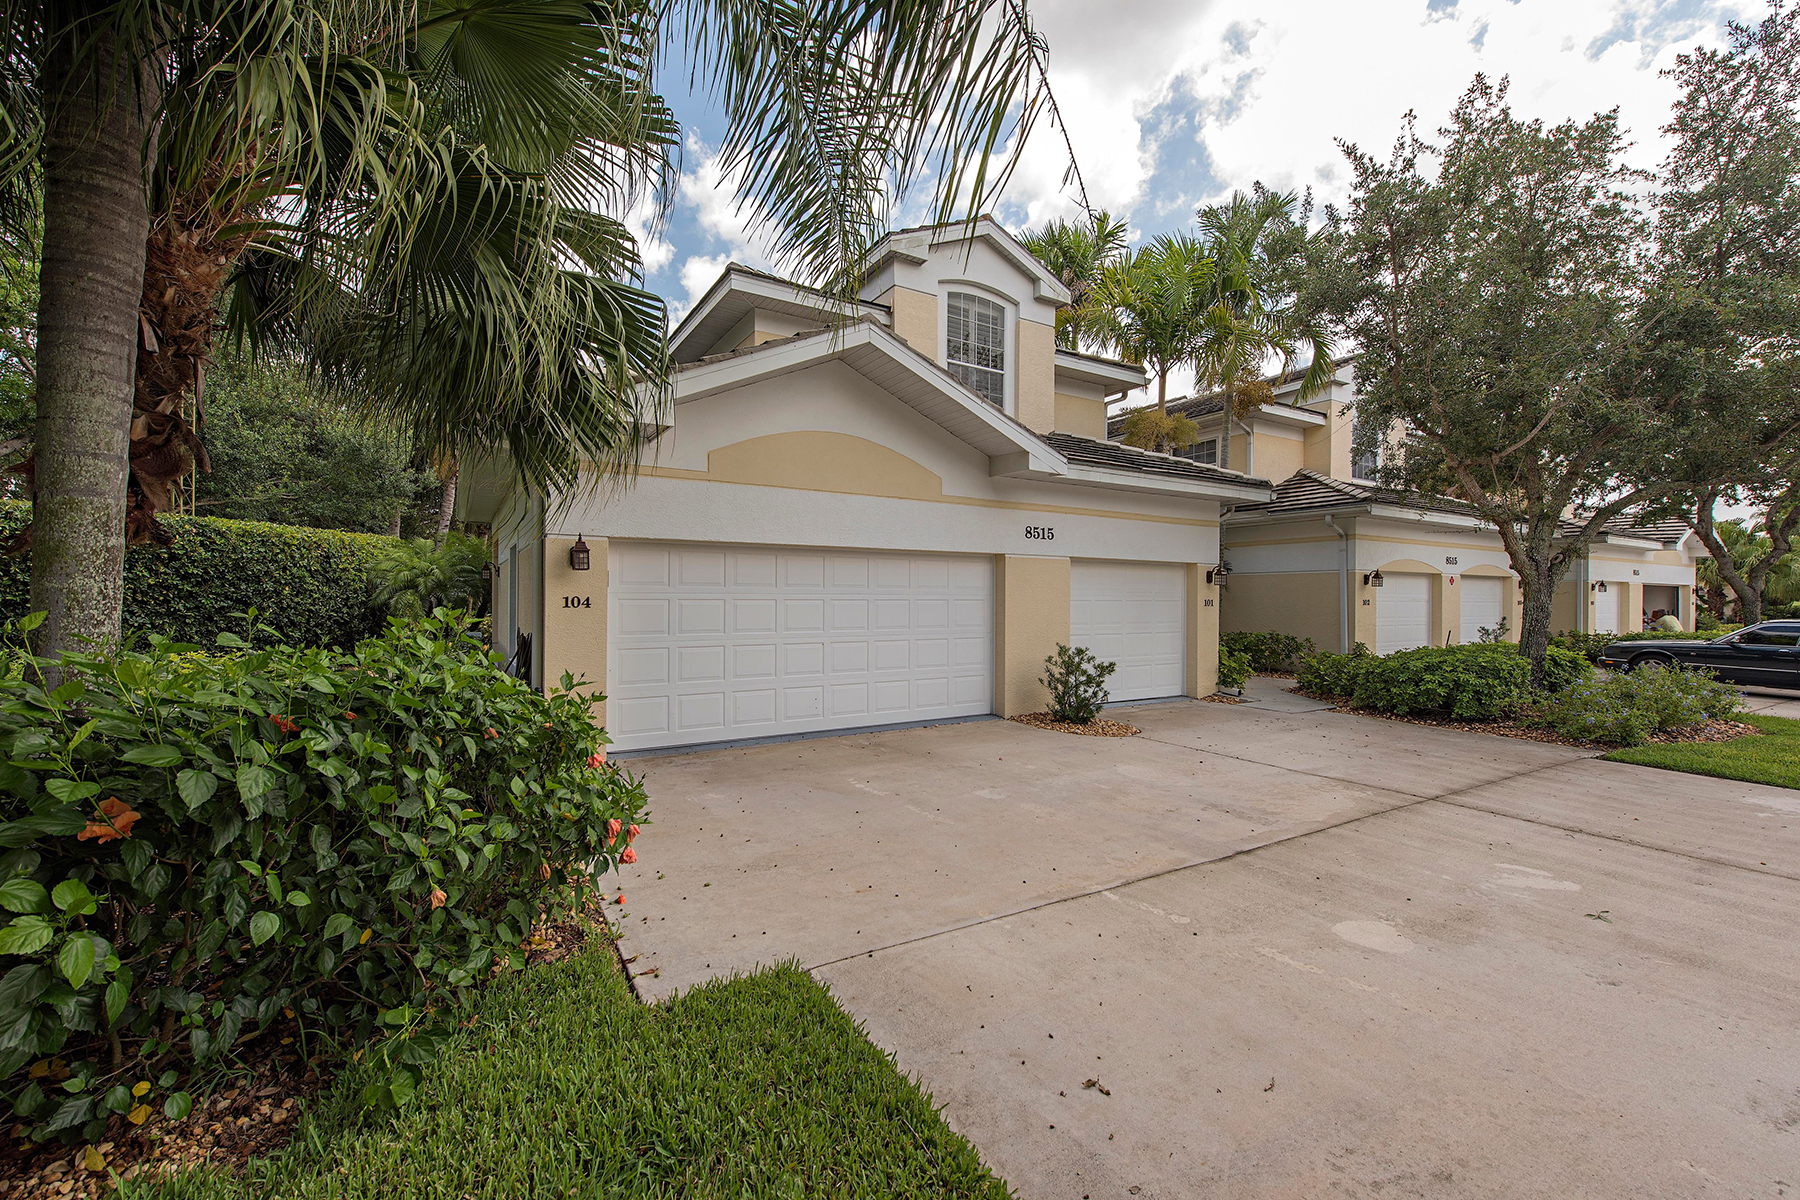 Кондоминиум для того Продажа на LELY COUNTRY CLUB 8515 Mystic Greens Way 104 Naples, Флорида, 34113 Соединенные Штаты